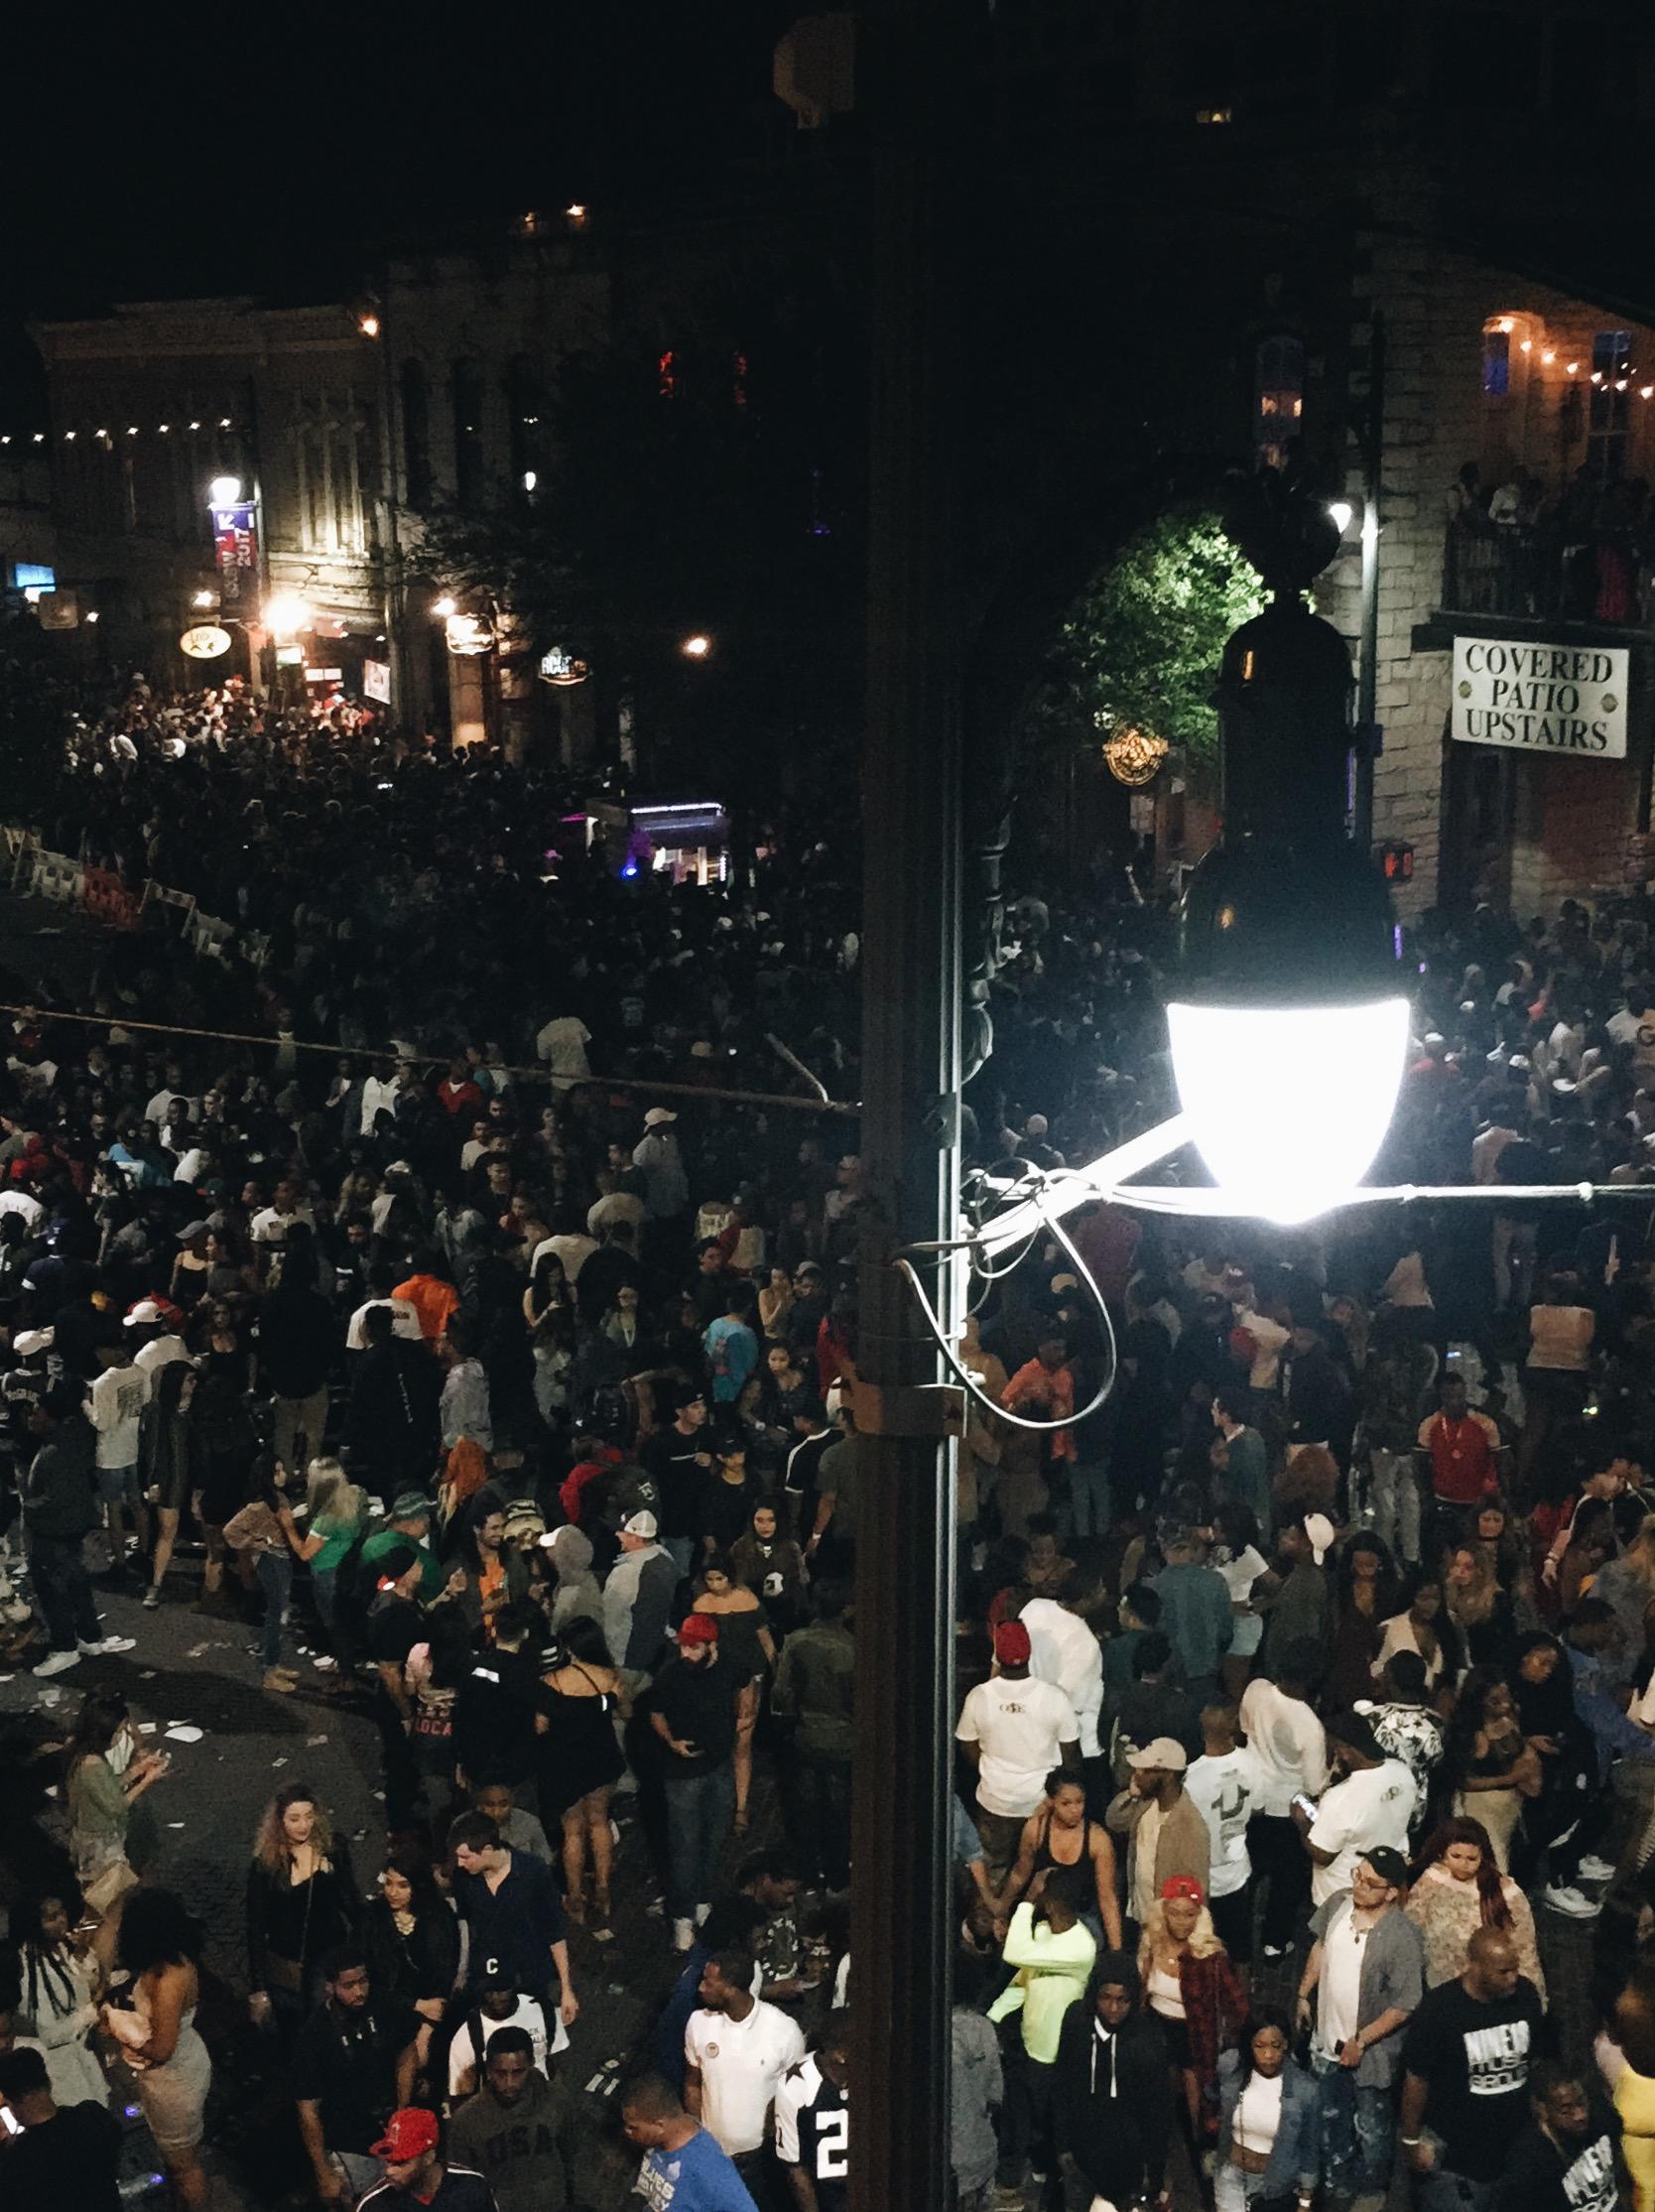 SIXTH STREET // From the balcony